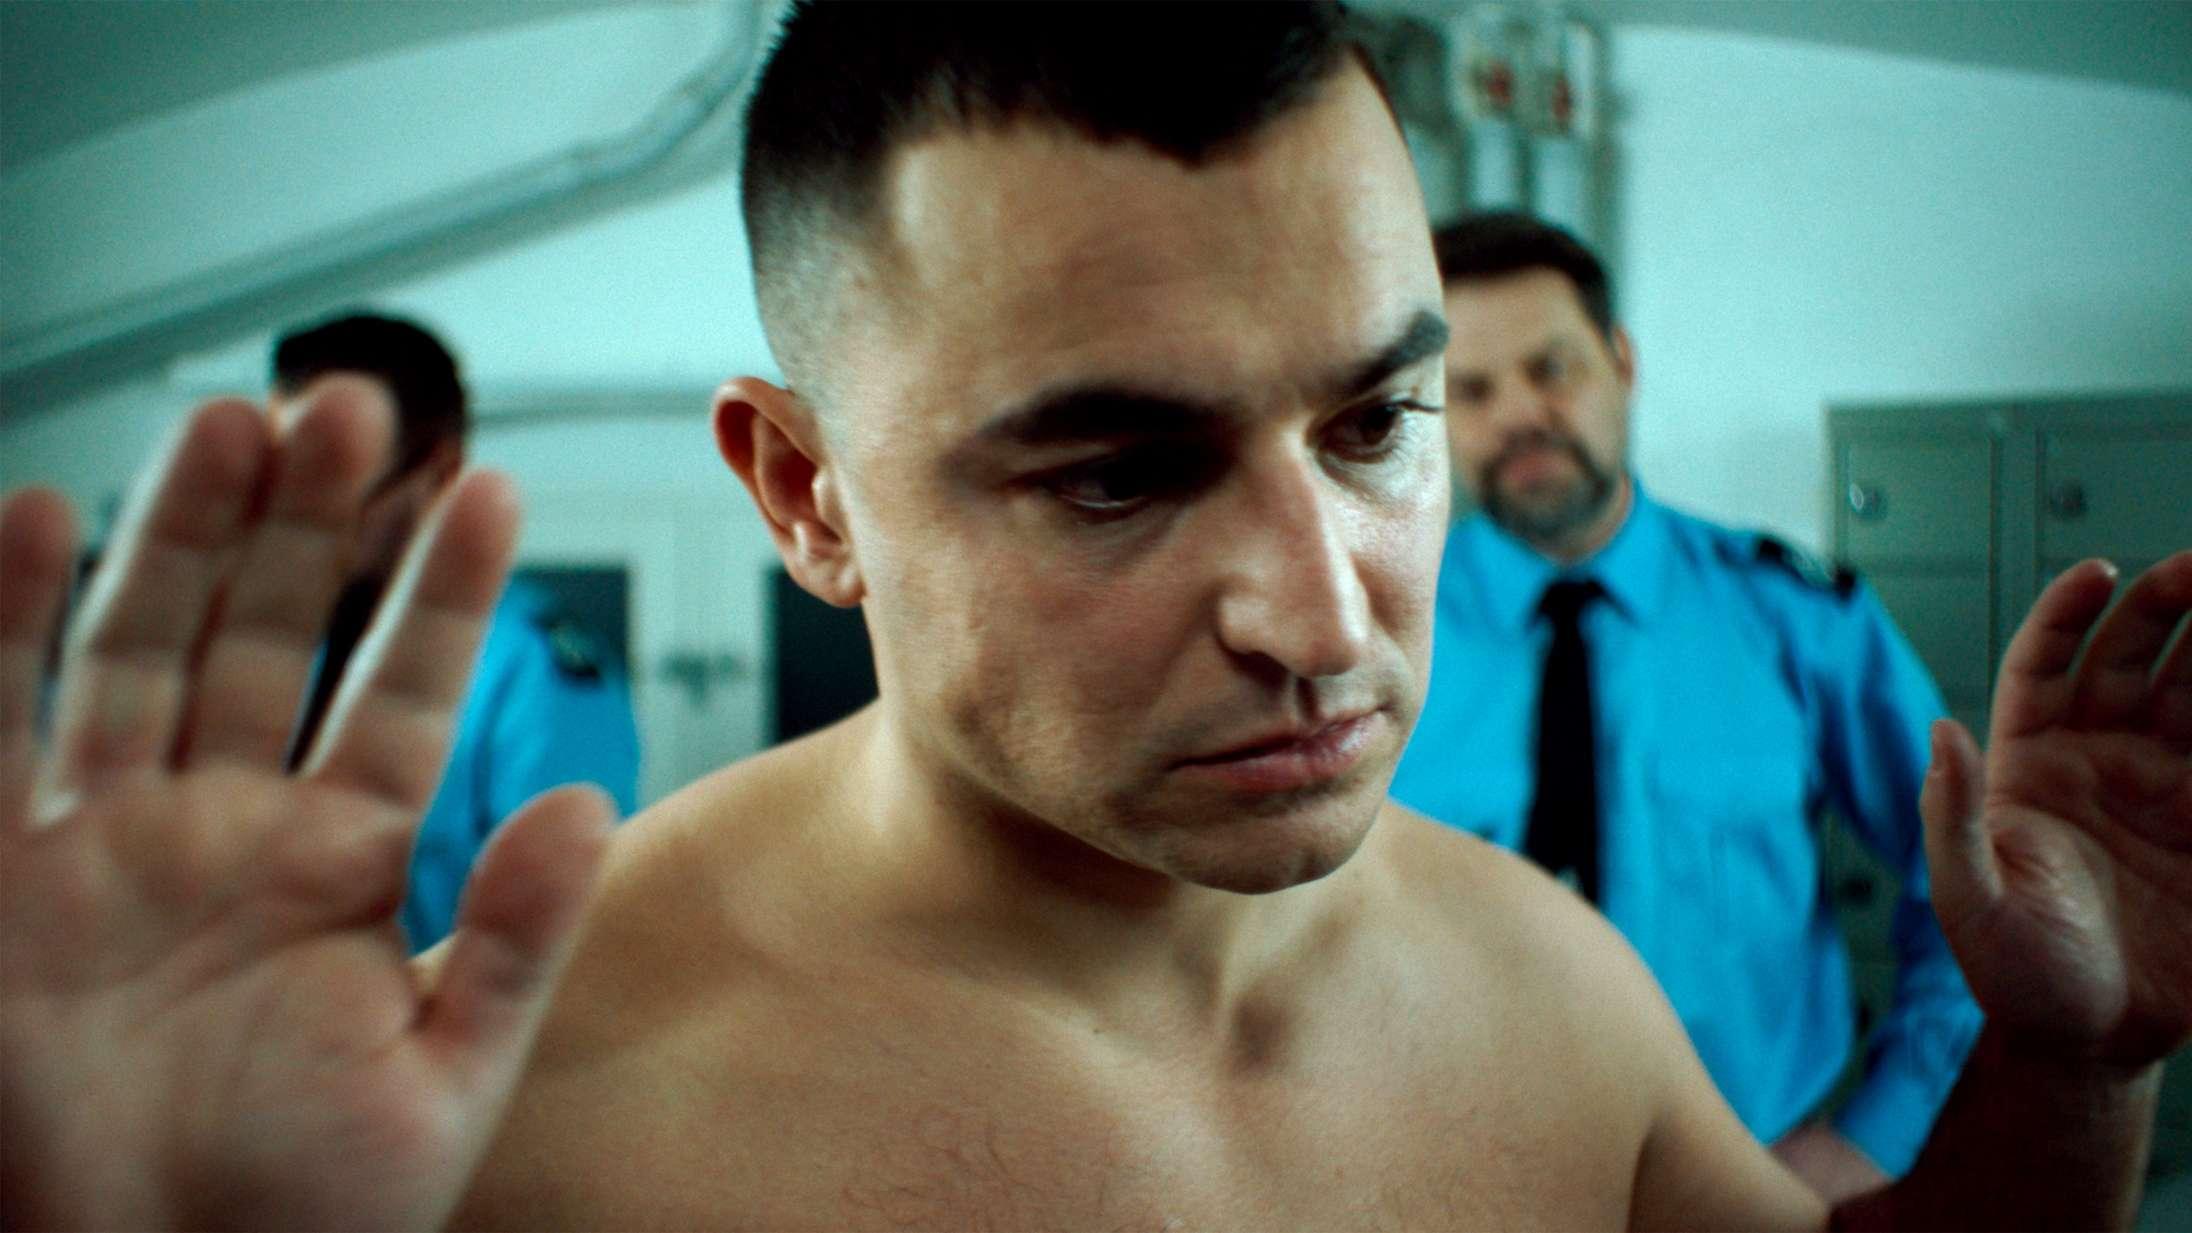 Babak Vakili brager igennem med ny DR-serie: »Jeg kan mærke, at min følelse resonerer hos rigtigt mange«